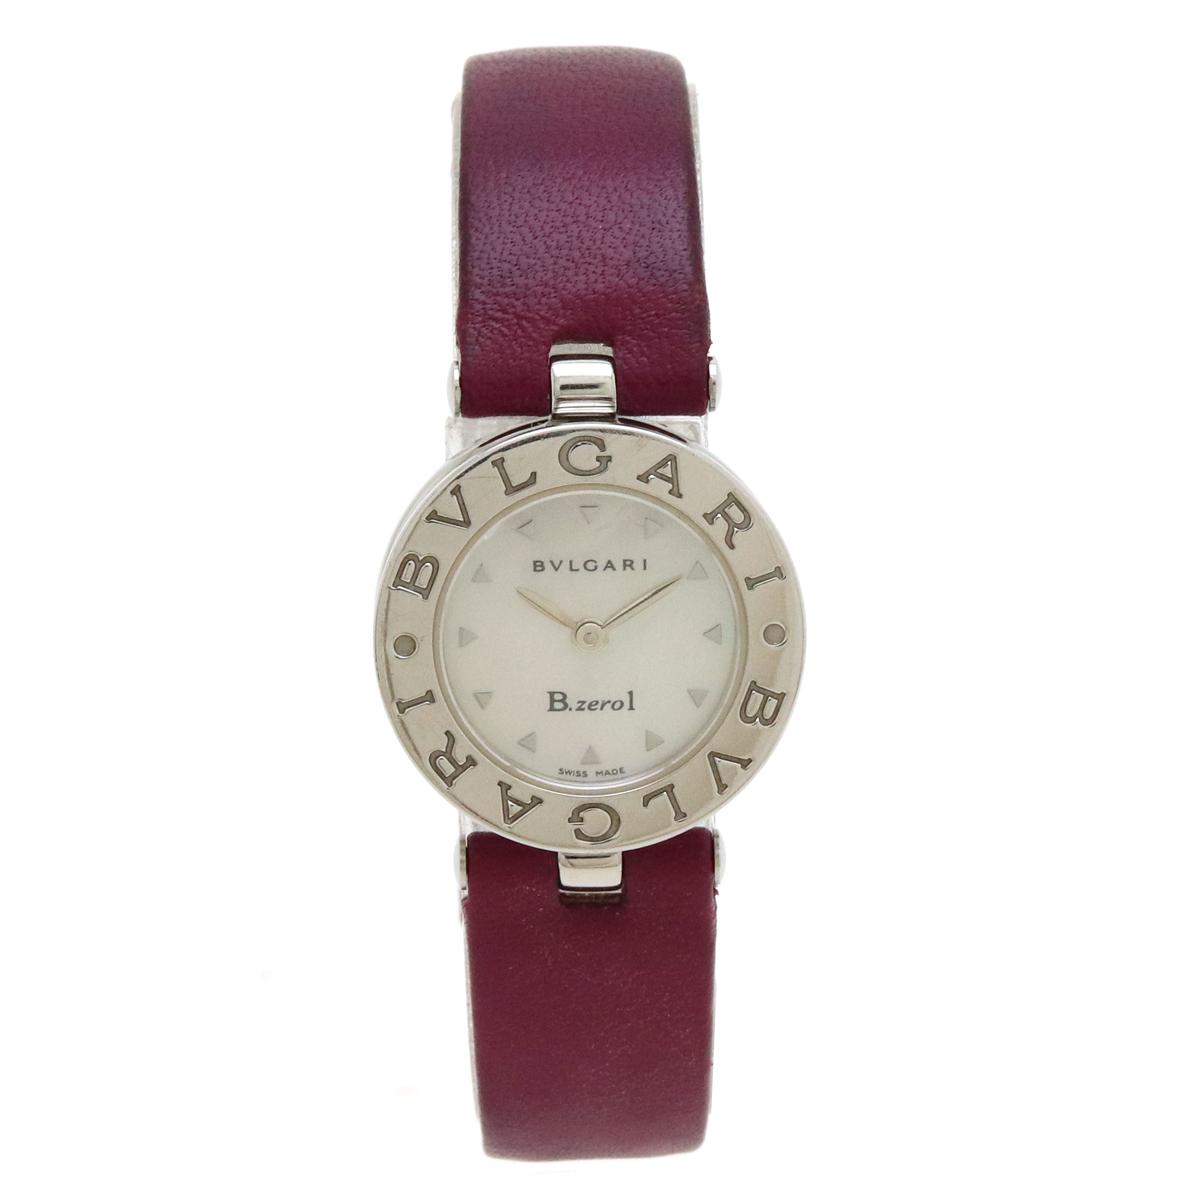 ウォッチ 超人気 BVLGARI ブルガリ B.zero1 B-zero1 ビーゼロワン ホワイトシェル文字盤 革ベルト QZ 腕時計 BZ22S Mサイズ 中古 レディース 特別セール品 クォーツ